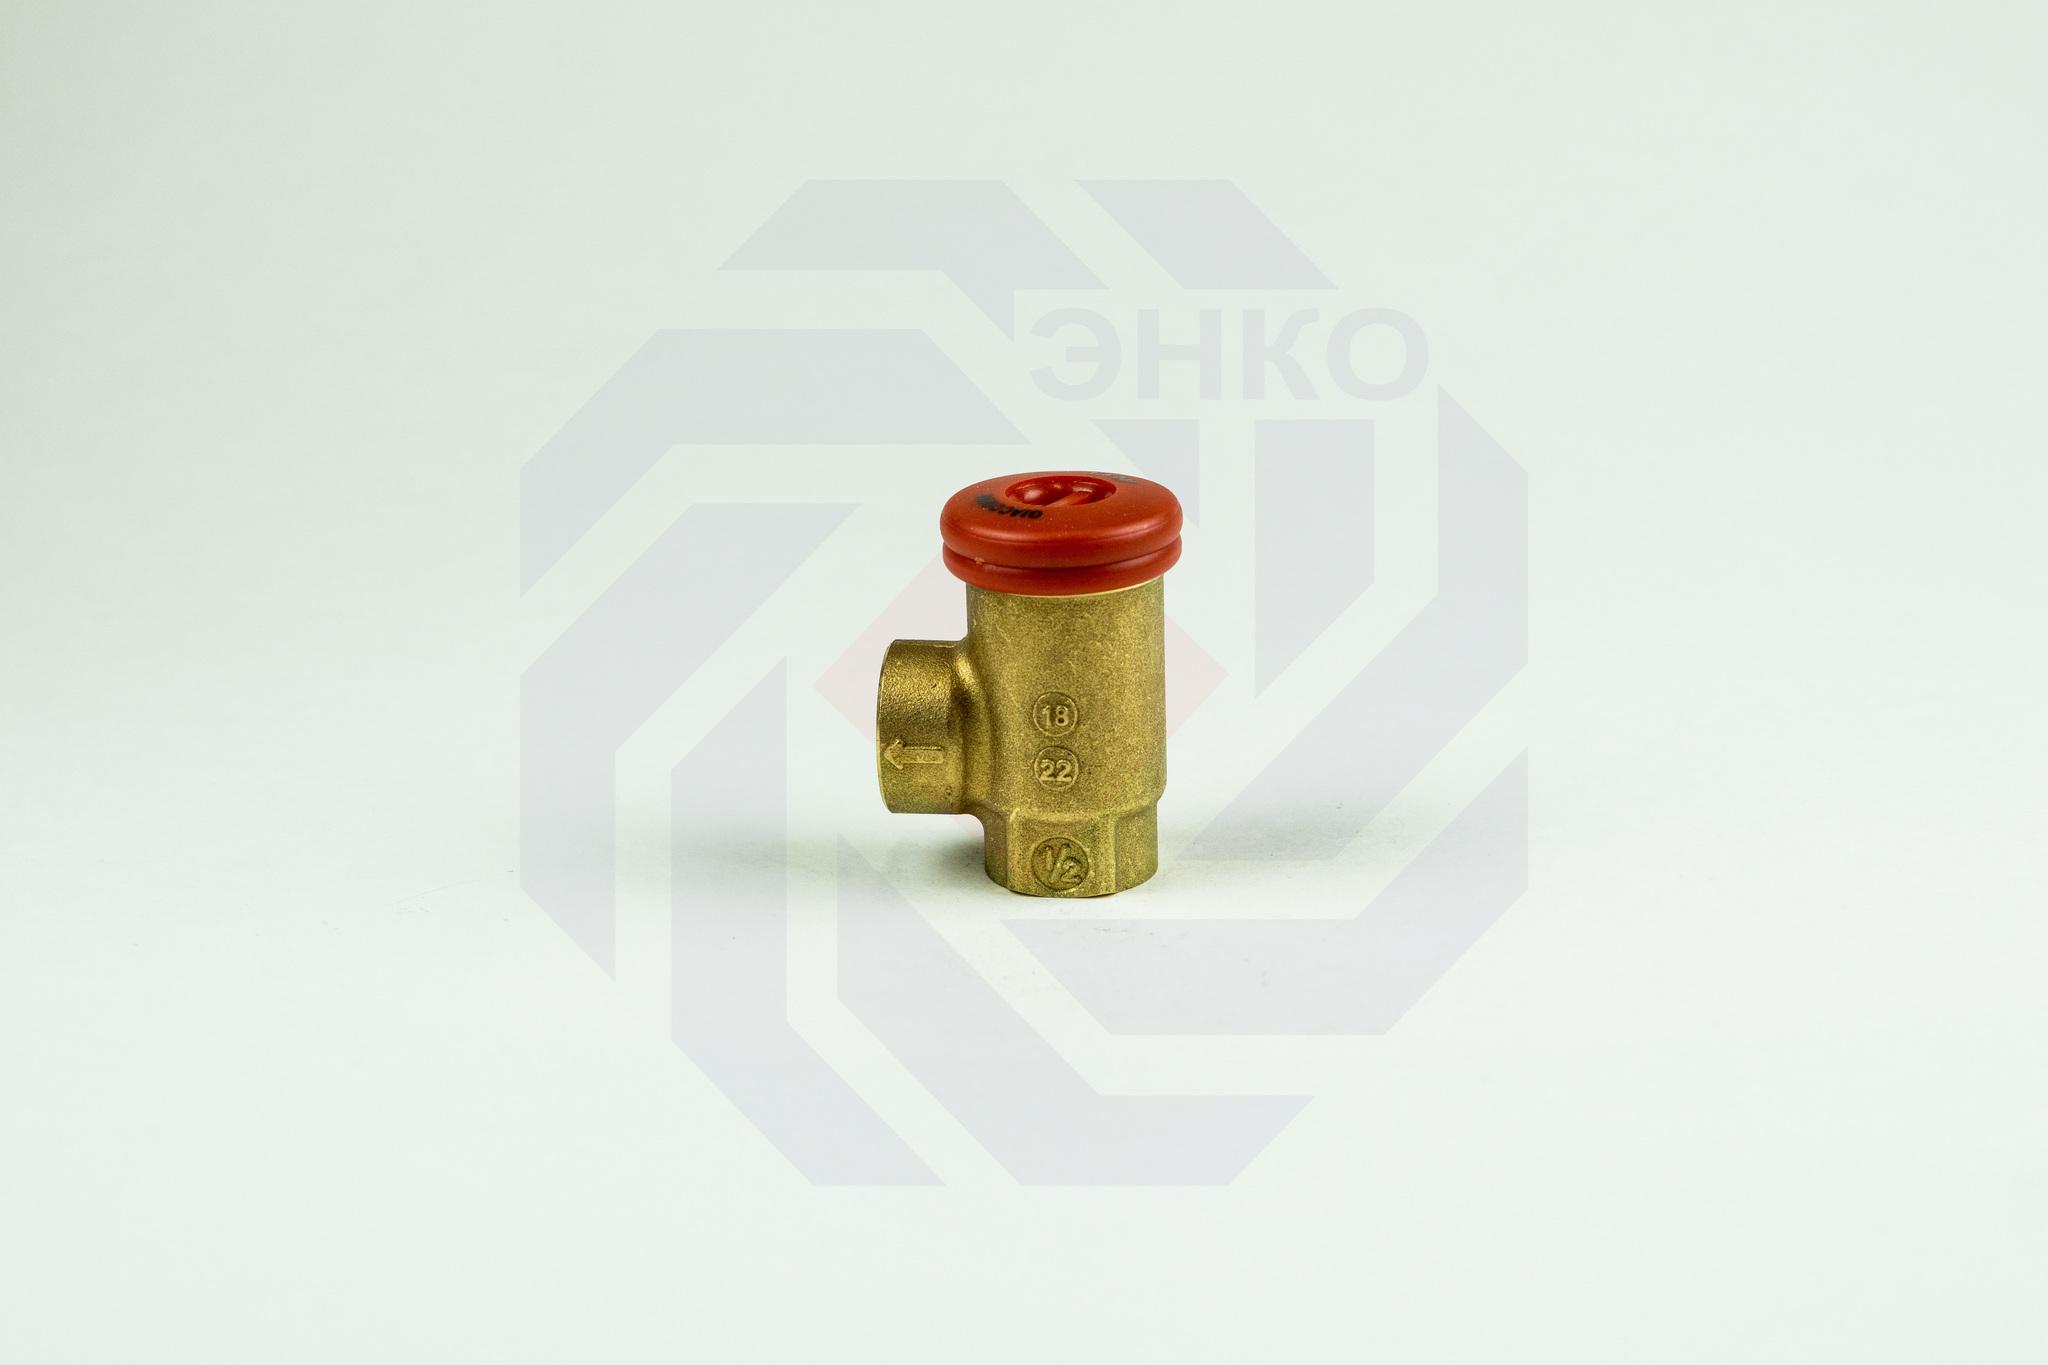 Клапан предохранительный GIACOMINI R140R 1,5 бар ½